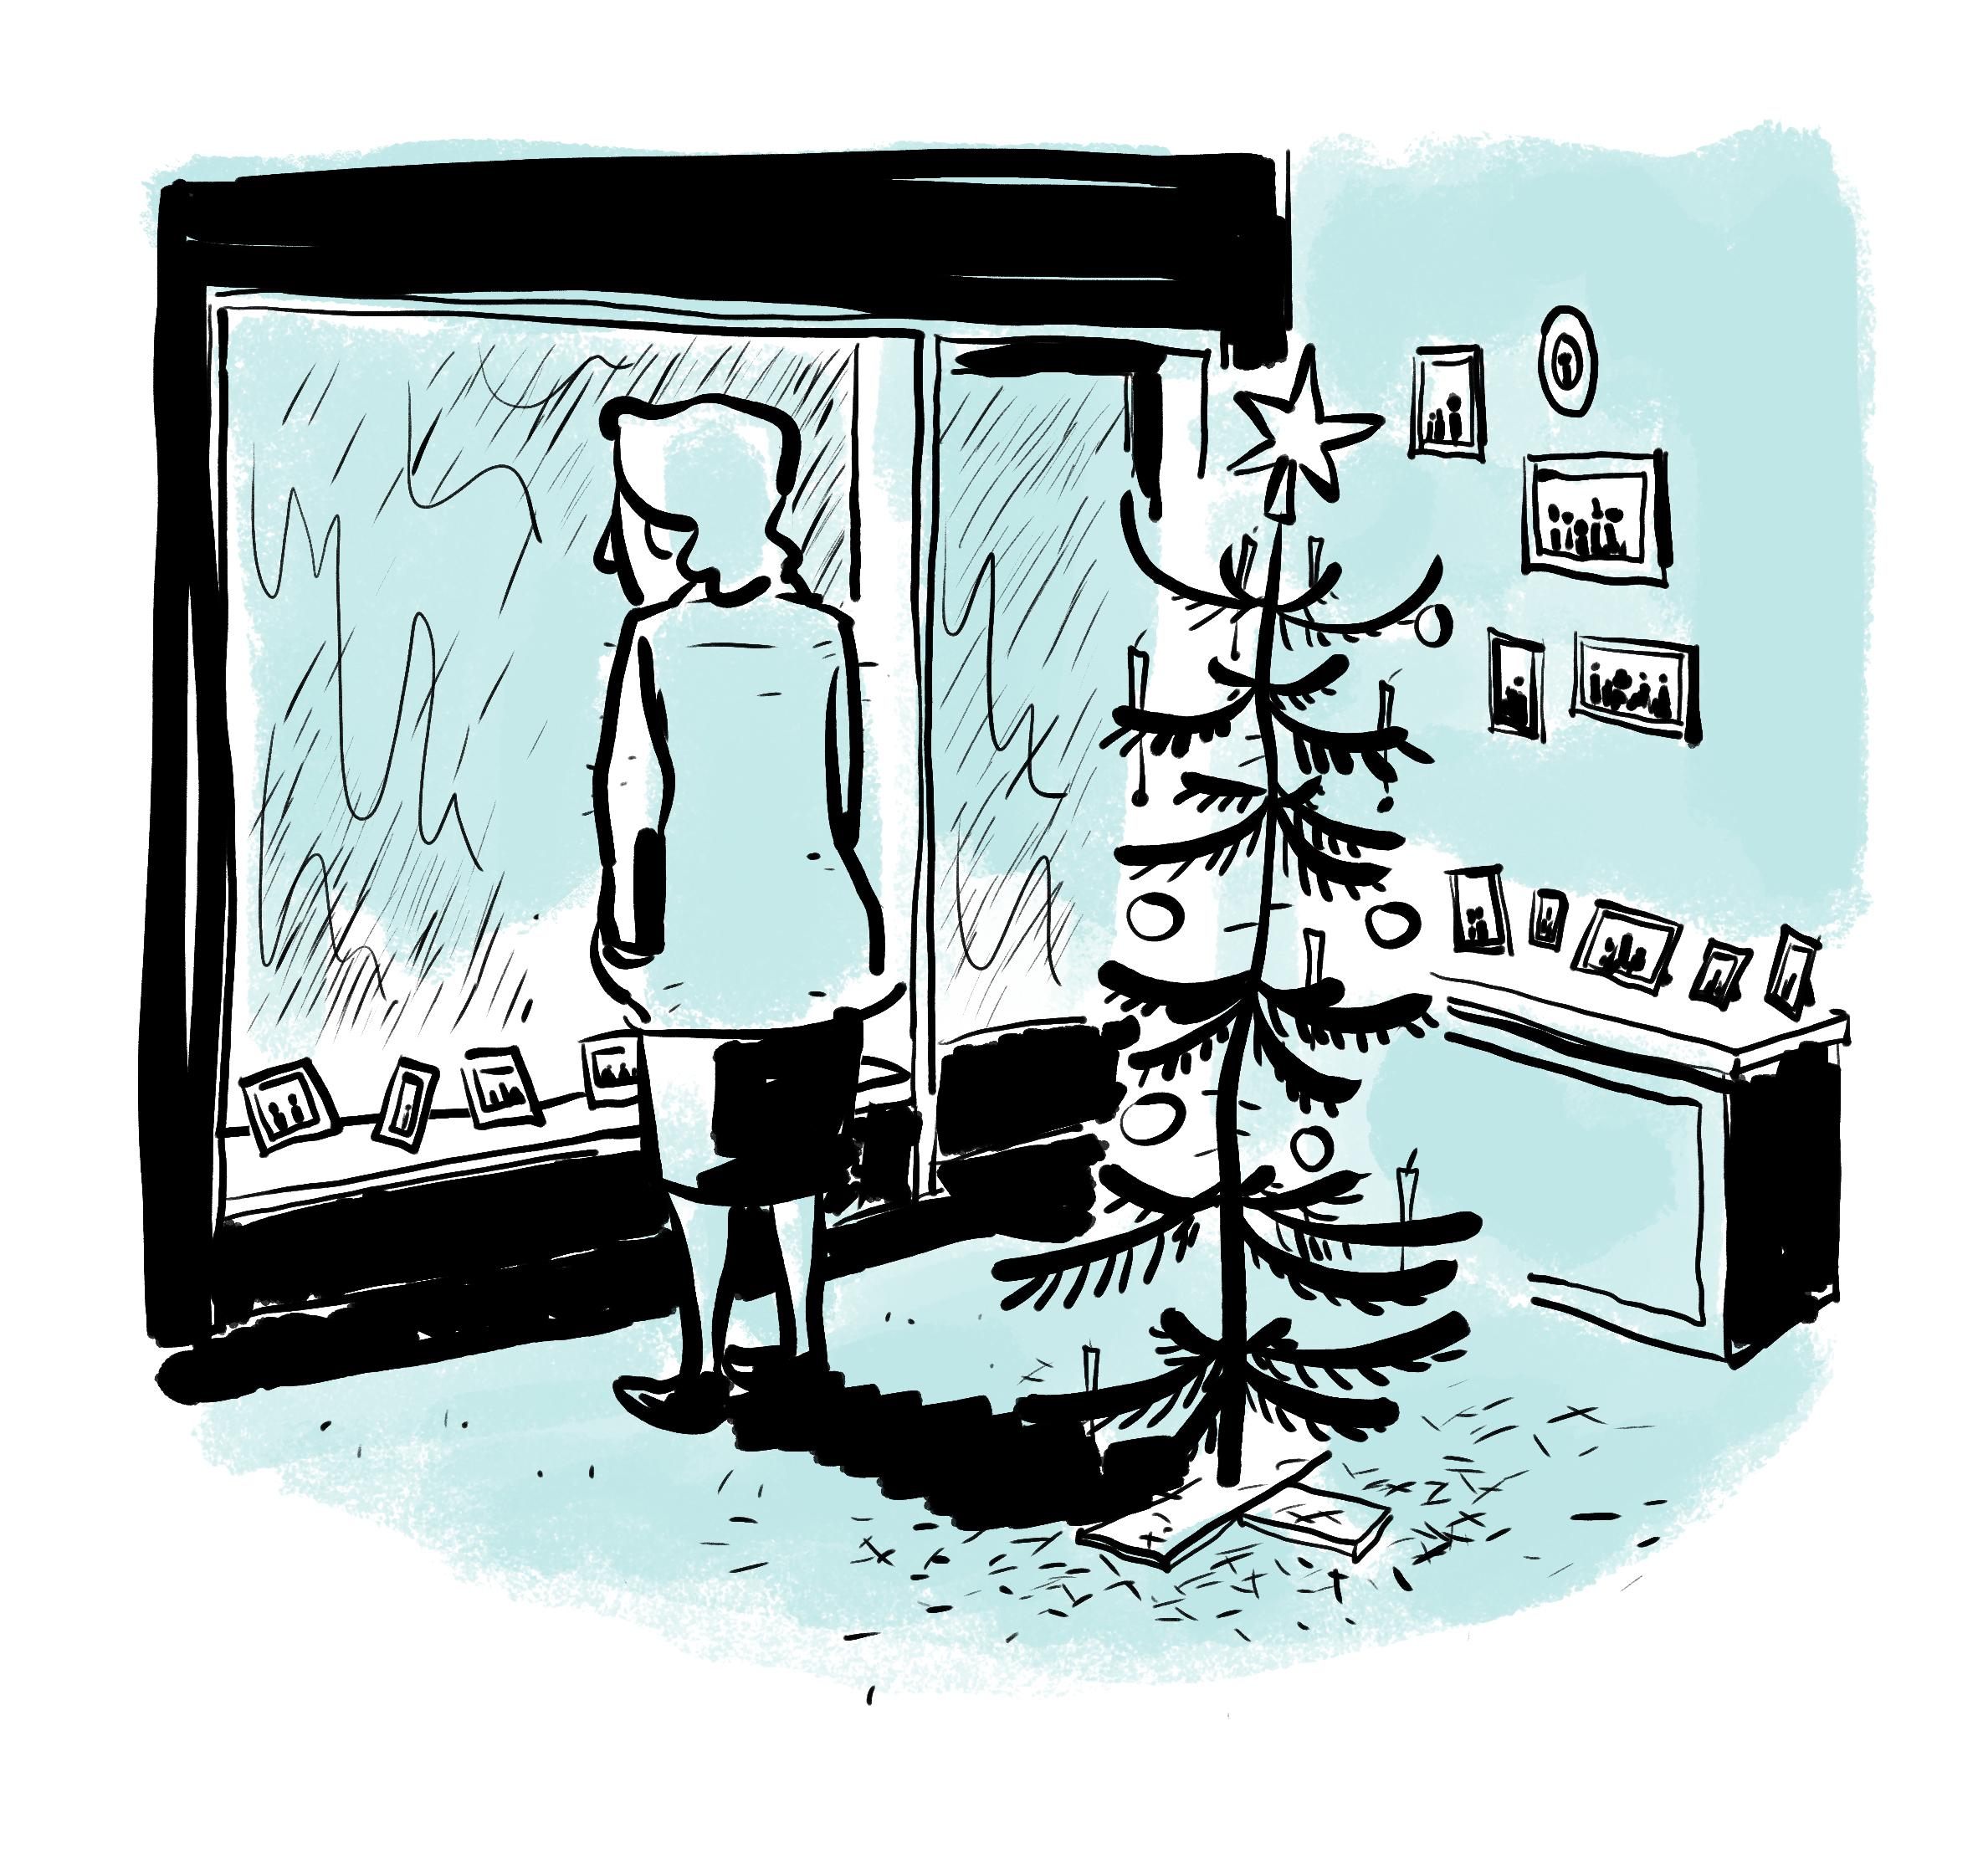 Tegning af en ensom kvinde står alene juleaften